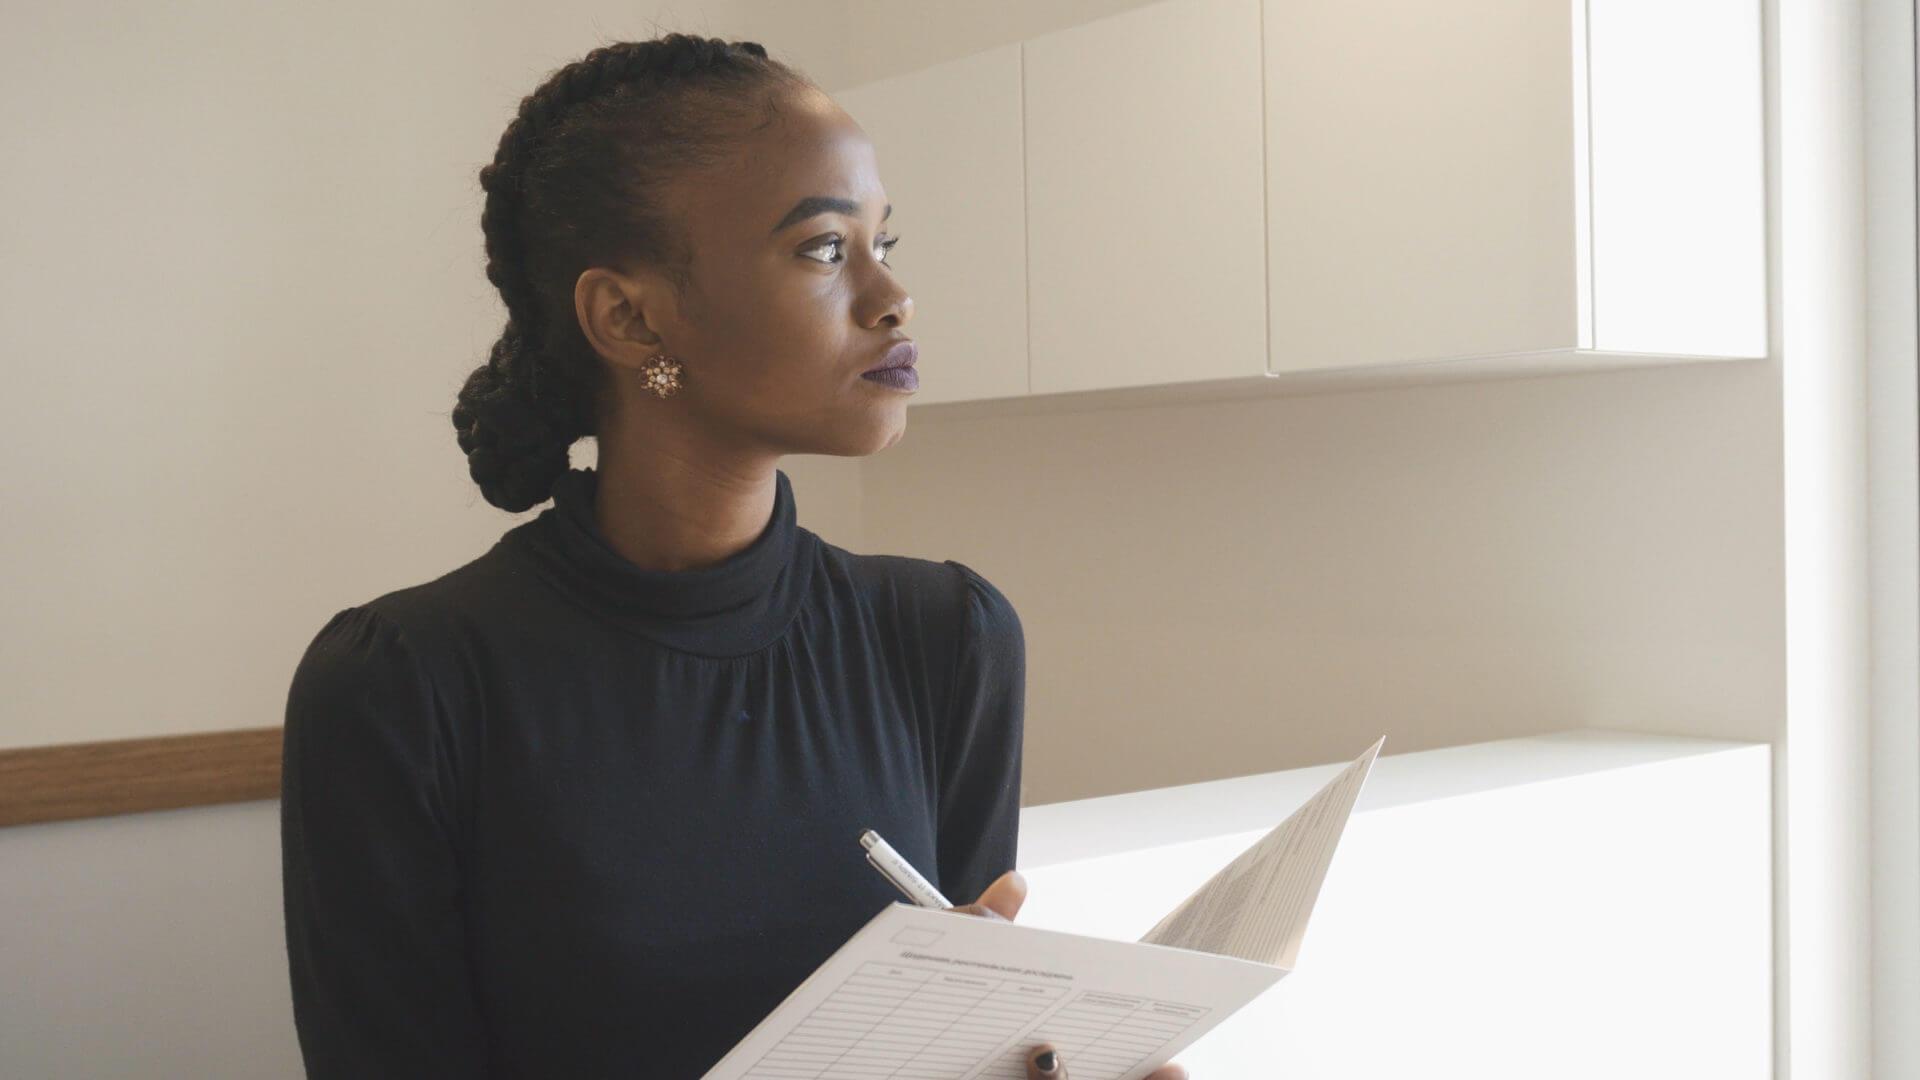 Что работодатель не может делать в отношении беременной женщины?